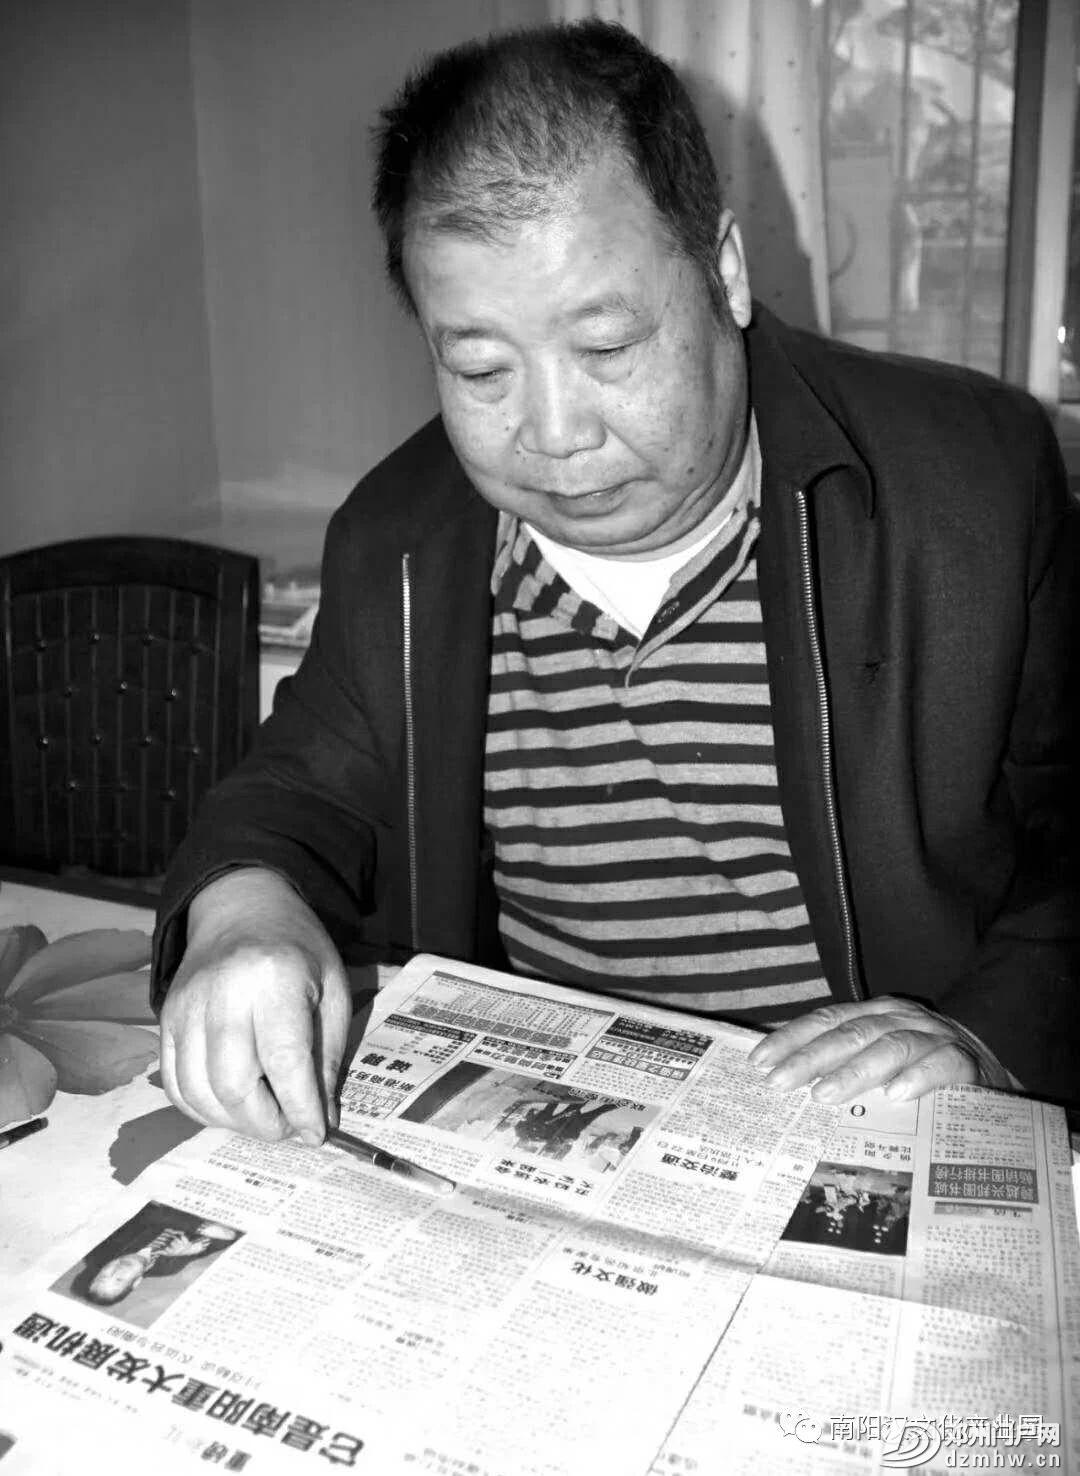 二月河先生昨日安葬,魂归南阳紫山 - 邓州门户网|邓州网 - dc824ca100b0bd59bb15c0881b900ddf.jpg